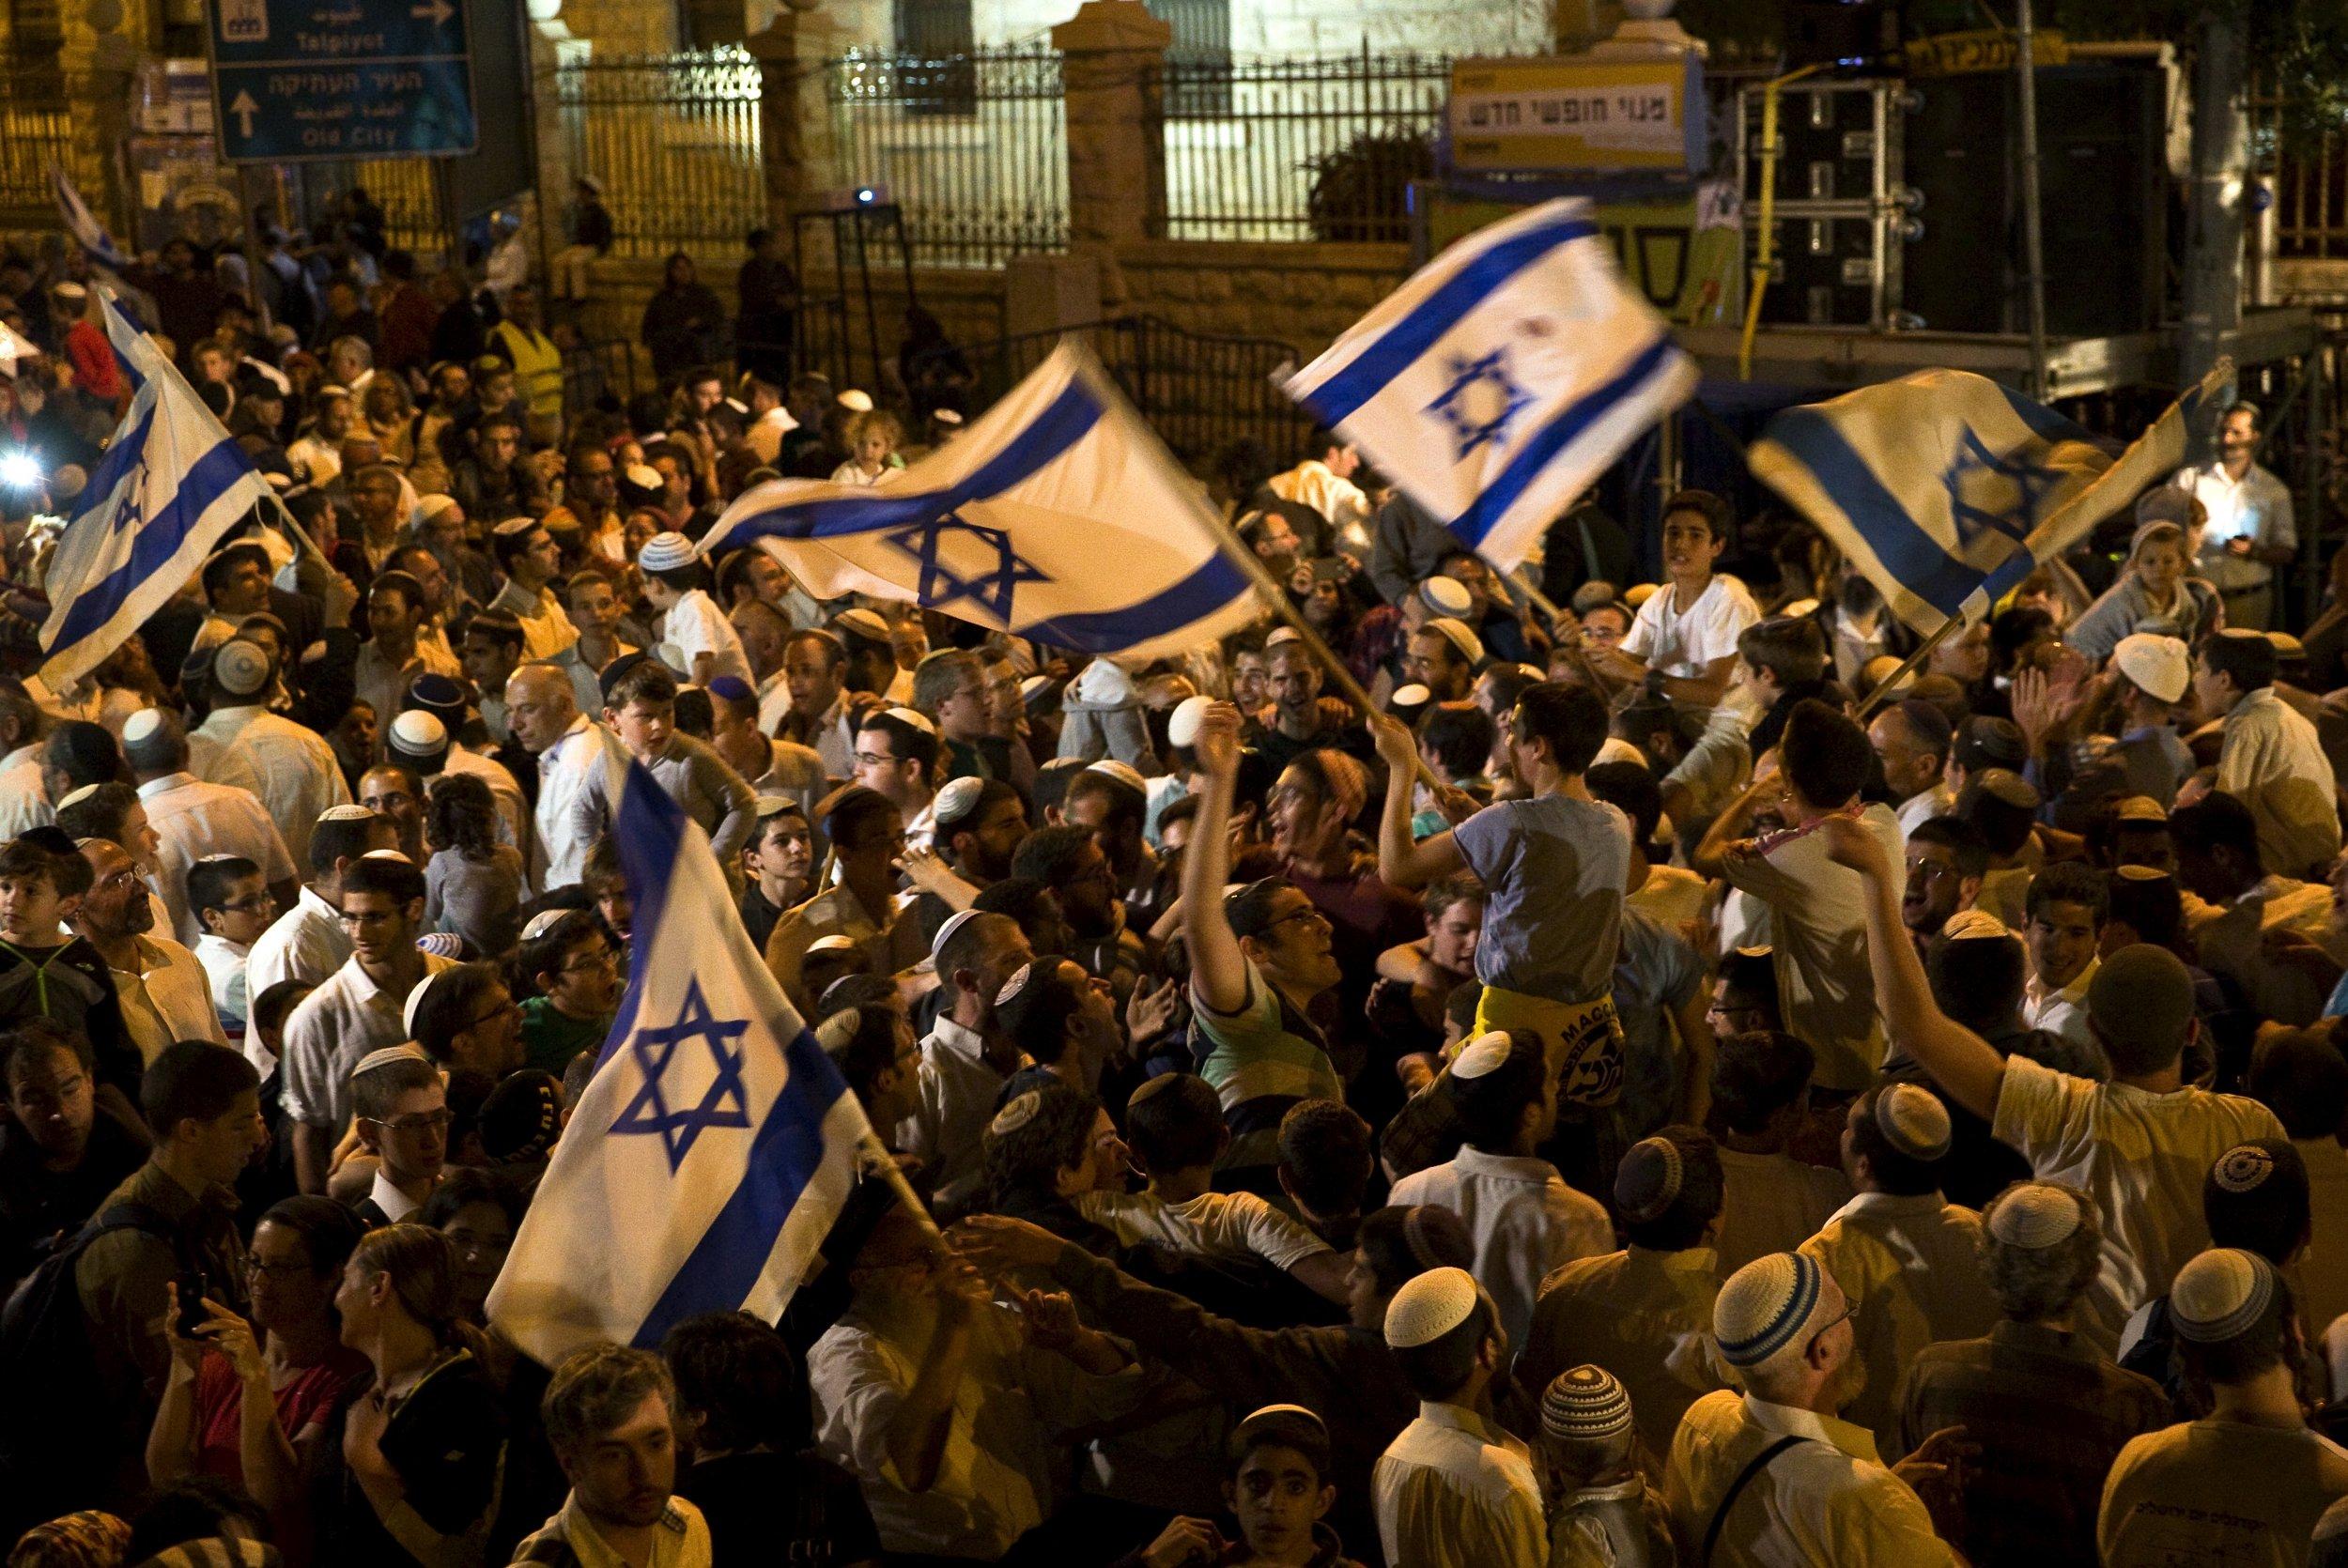 0121_Israel_Arabs_MiddleEast_01